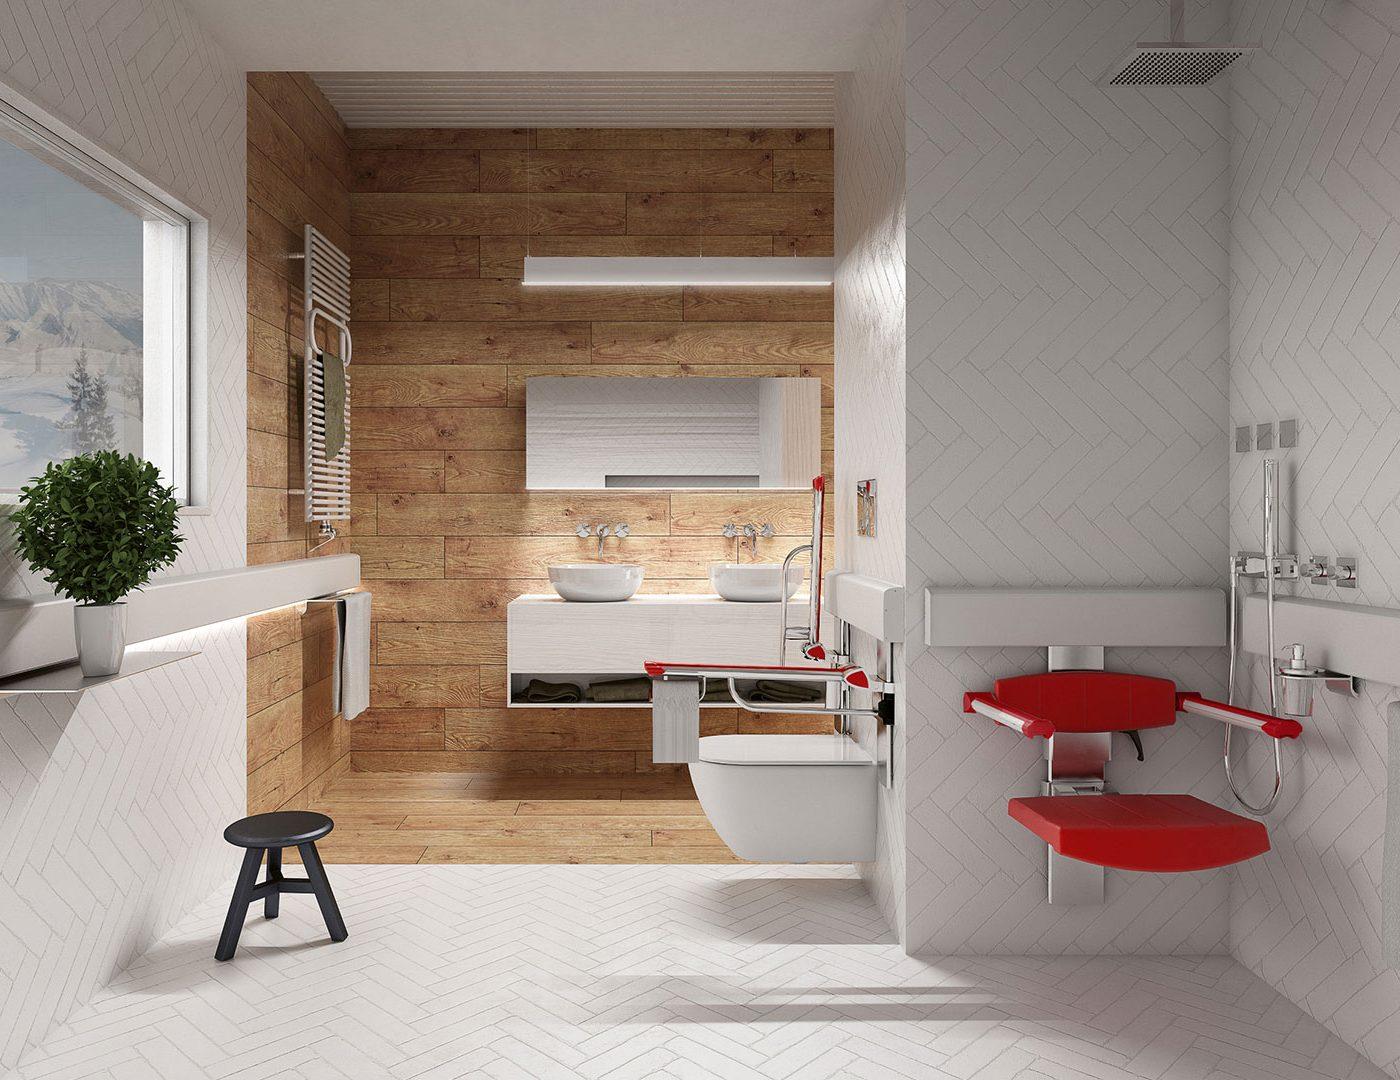 Profilo-Smart-bathroom-produkte-3-21-1